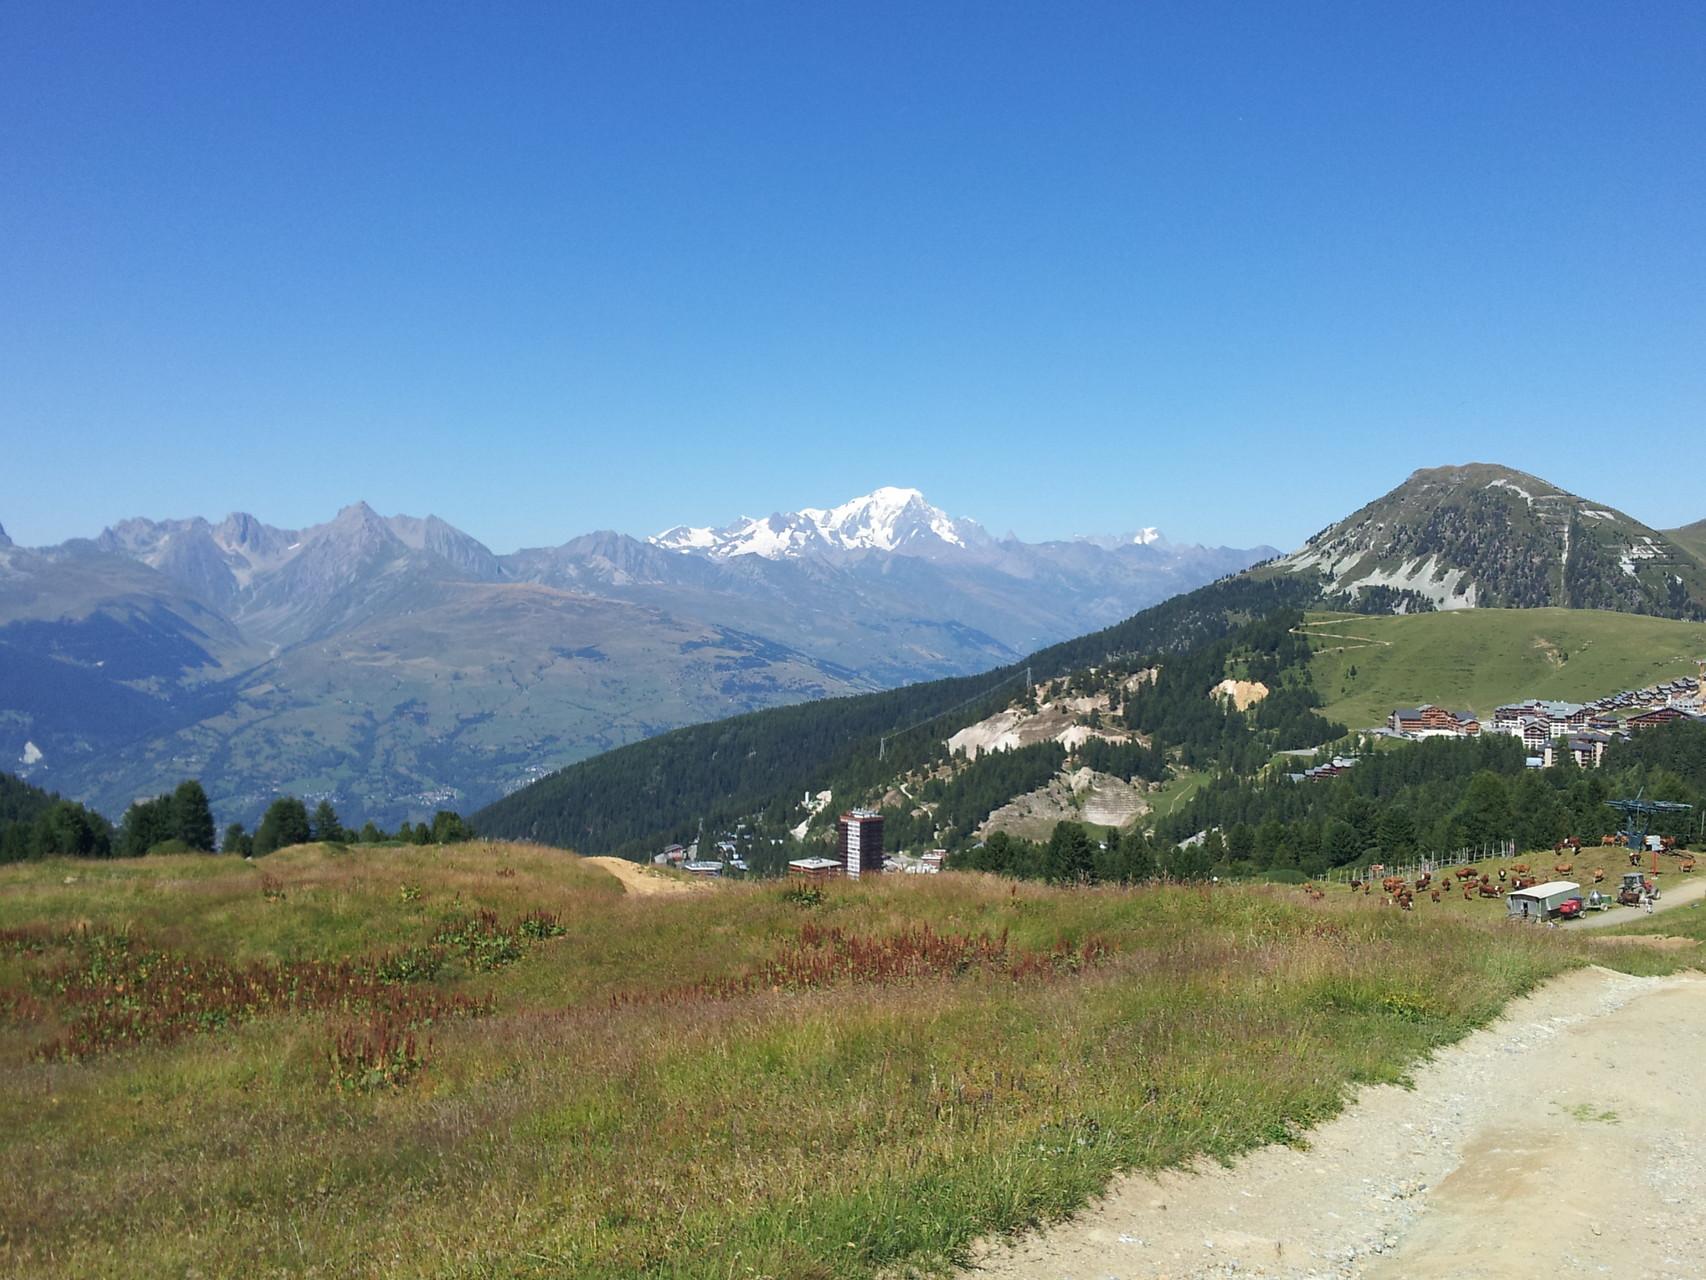 Randonnée avec vue sur le Mont Blanc (au fond) et le mont Saint-Jacques (à droite).